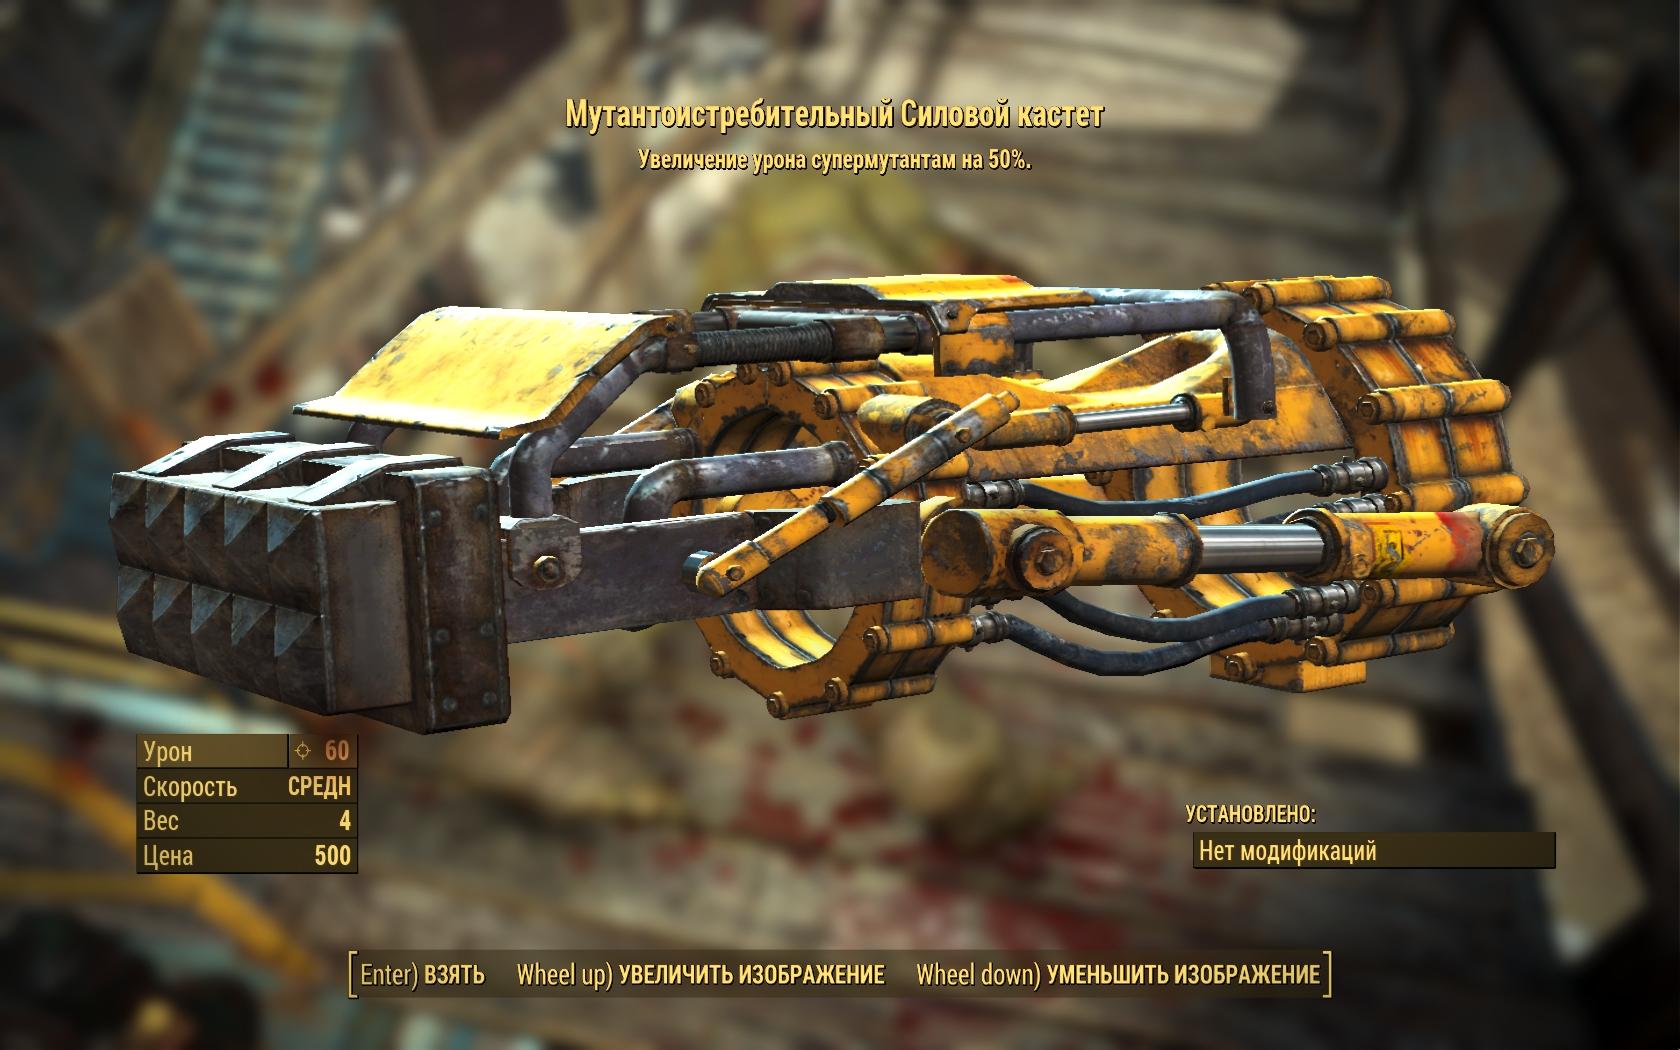 Мутантоистребительный силовой кастет - Fallout 4 Оружие, силовой кастет